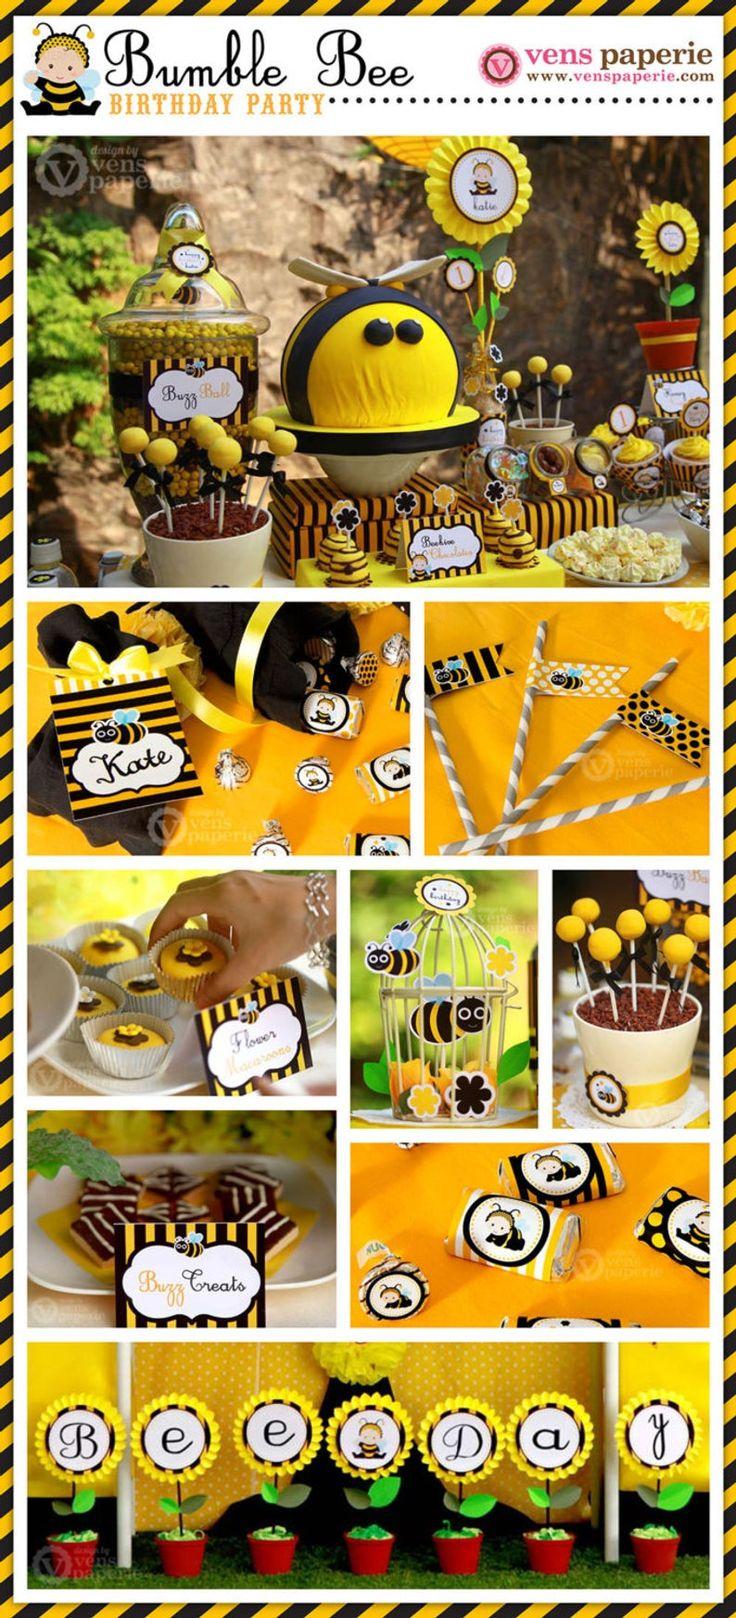 Baby Bumble Bee verjaardagsfeestje pakket gepersonaliseerde volledige collectie Set – afdrukbare DIY